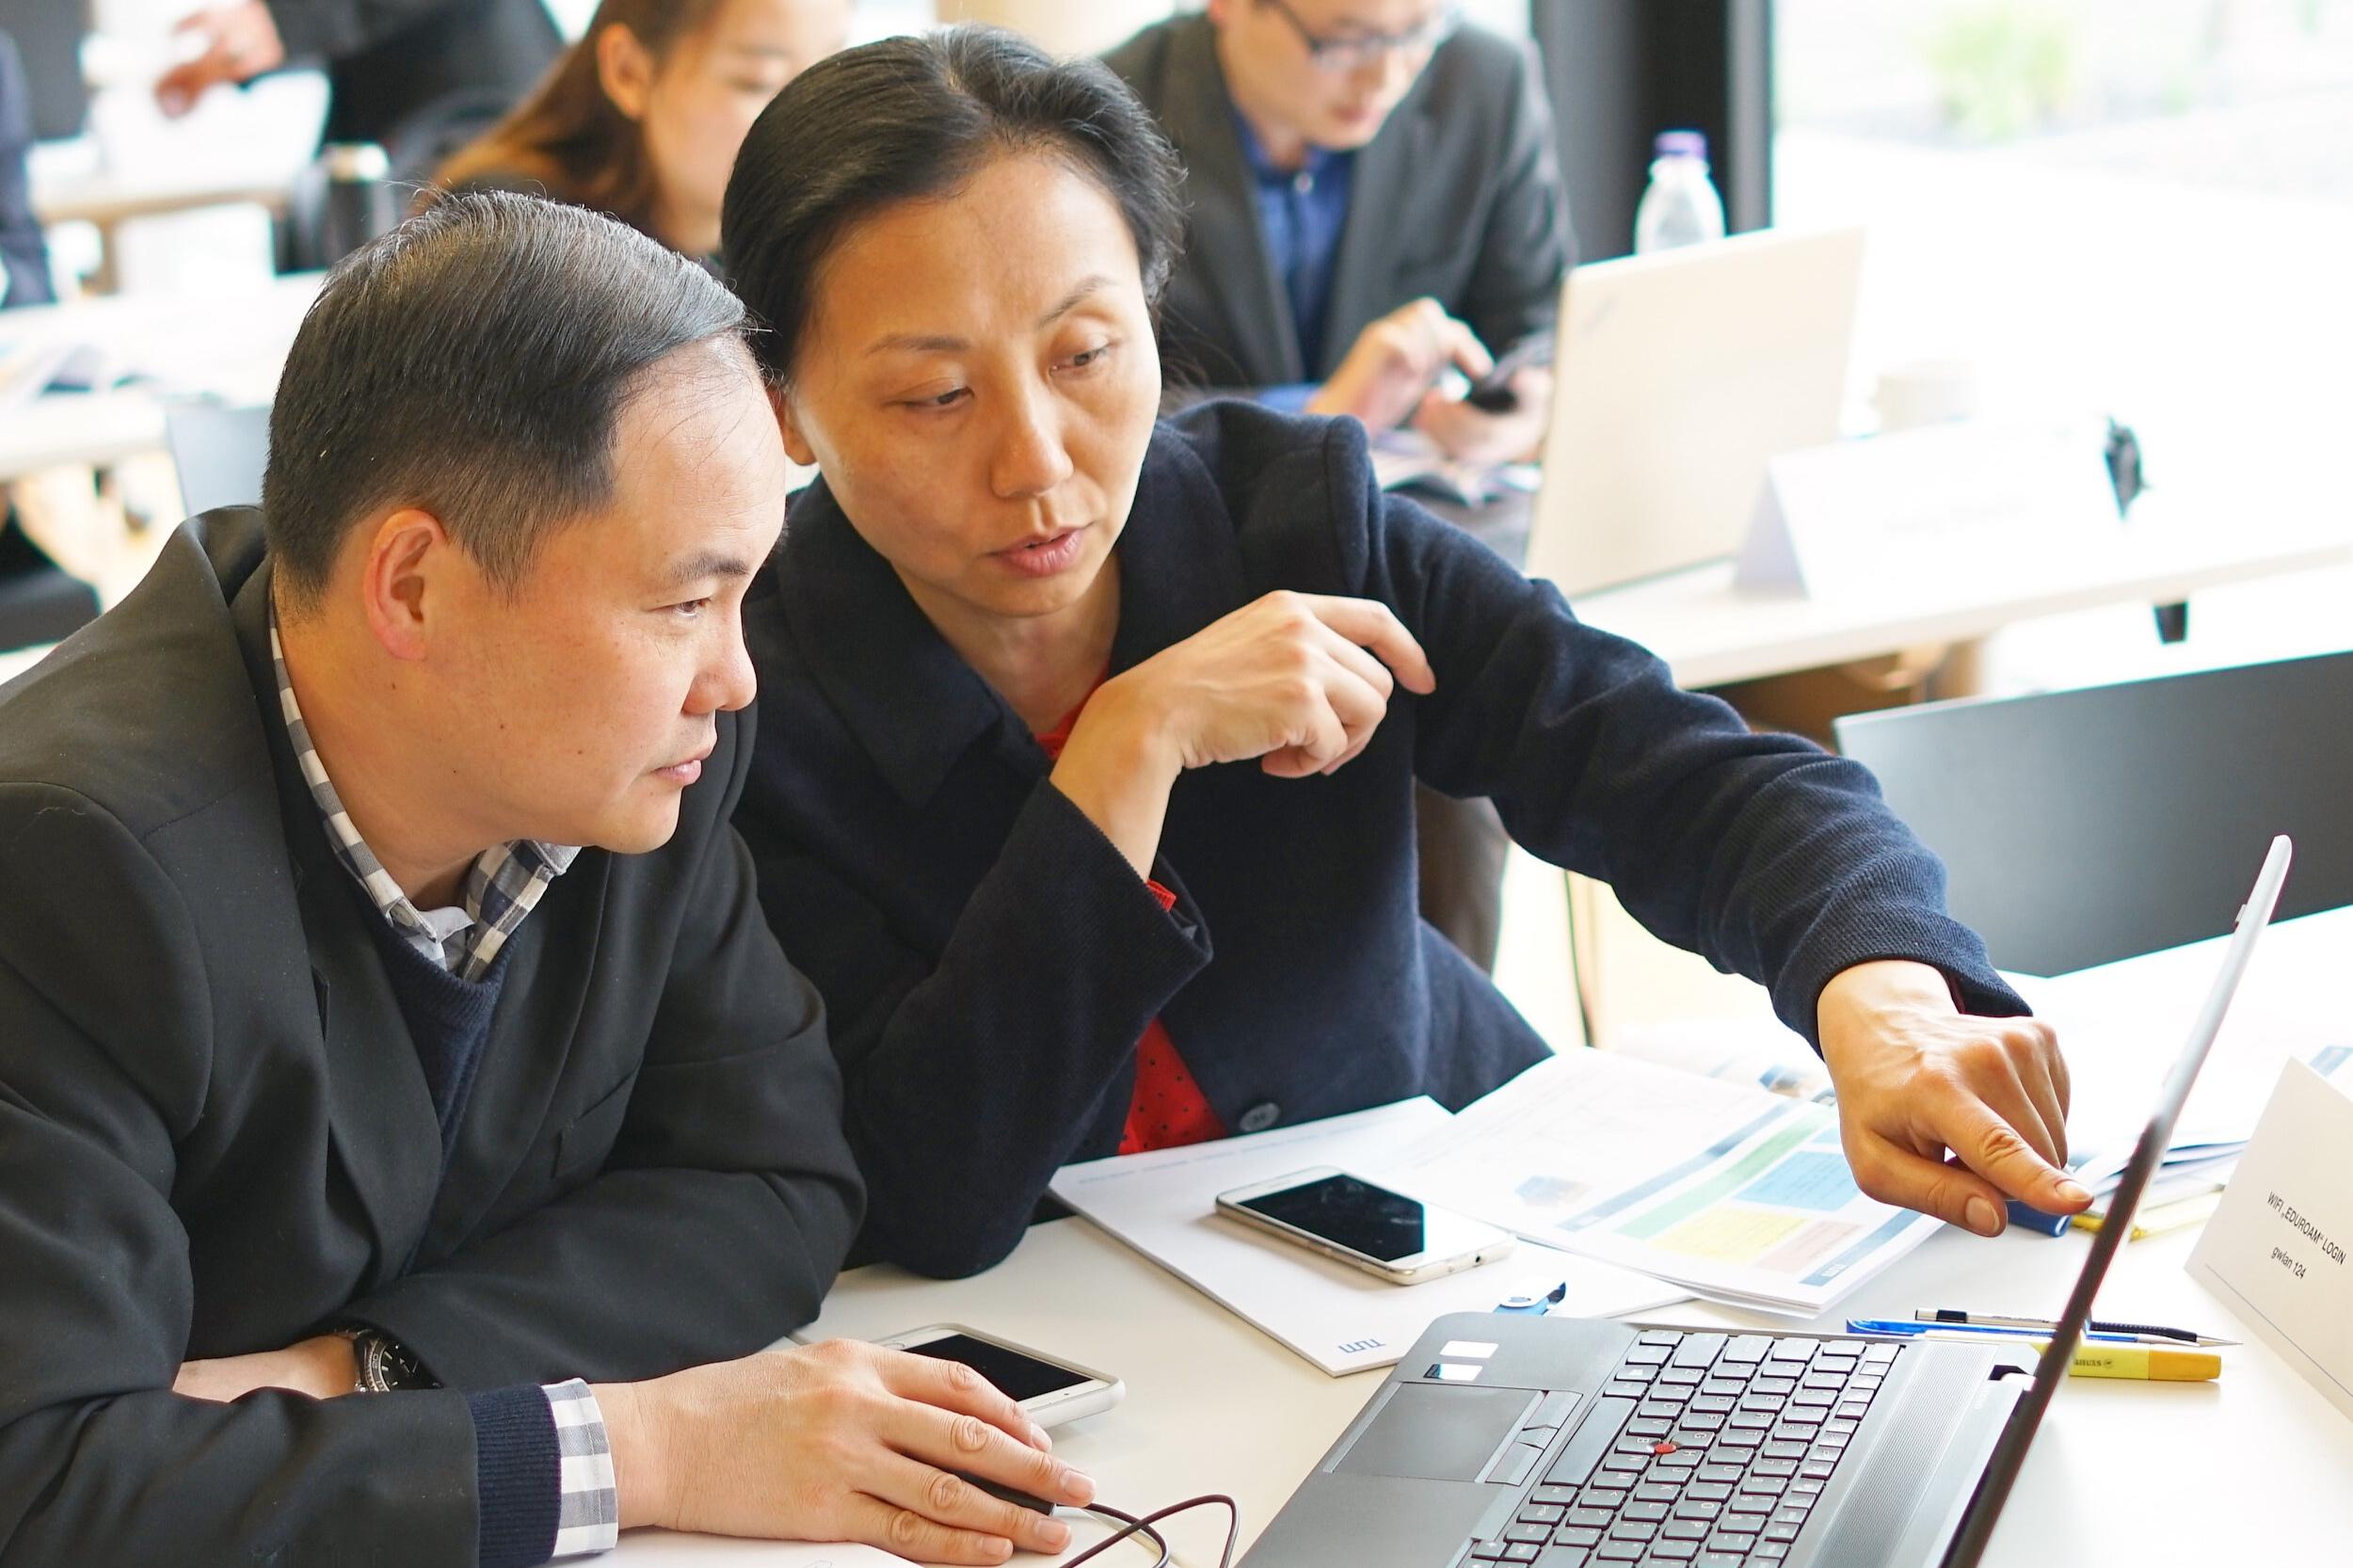 - 我们的高层管理培训为管理者和决策者提供解决方案和便利,从知名的商业领袖,经济学家和业内专家处获得第一手资料。